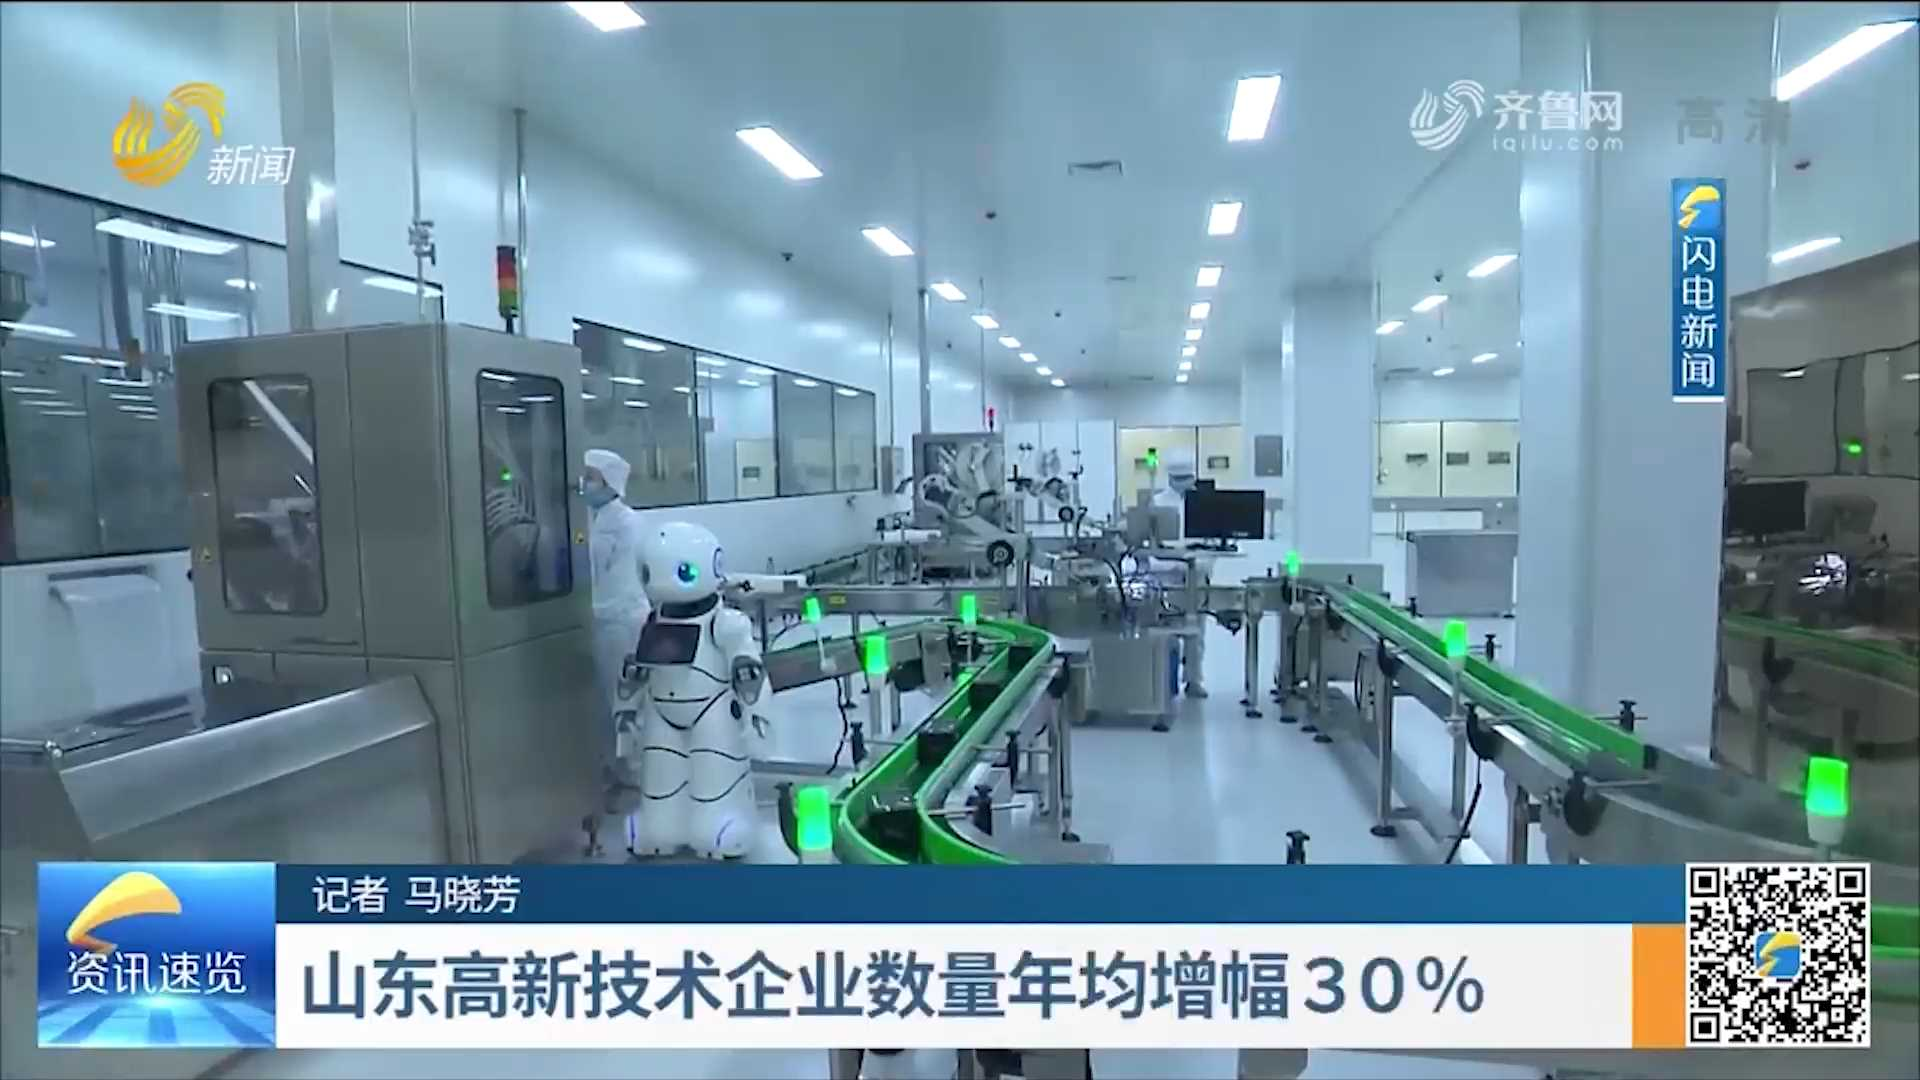 山东高新技术企业数量年均增幅30%